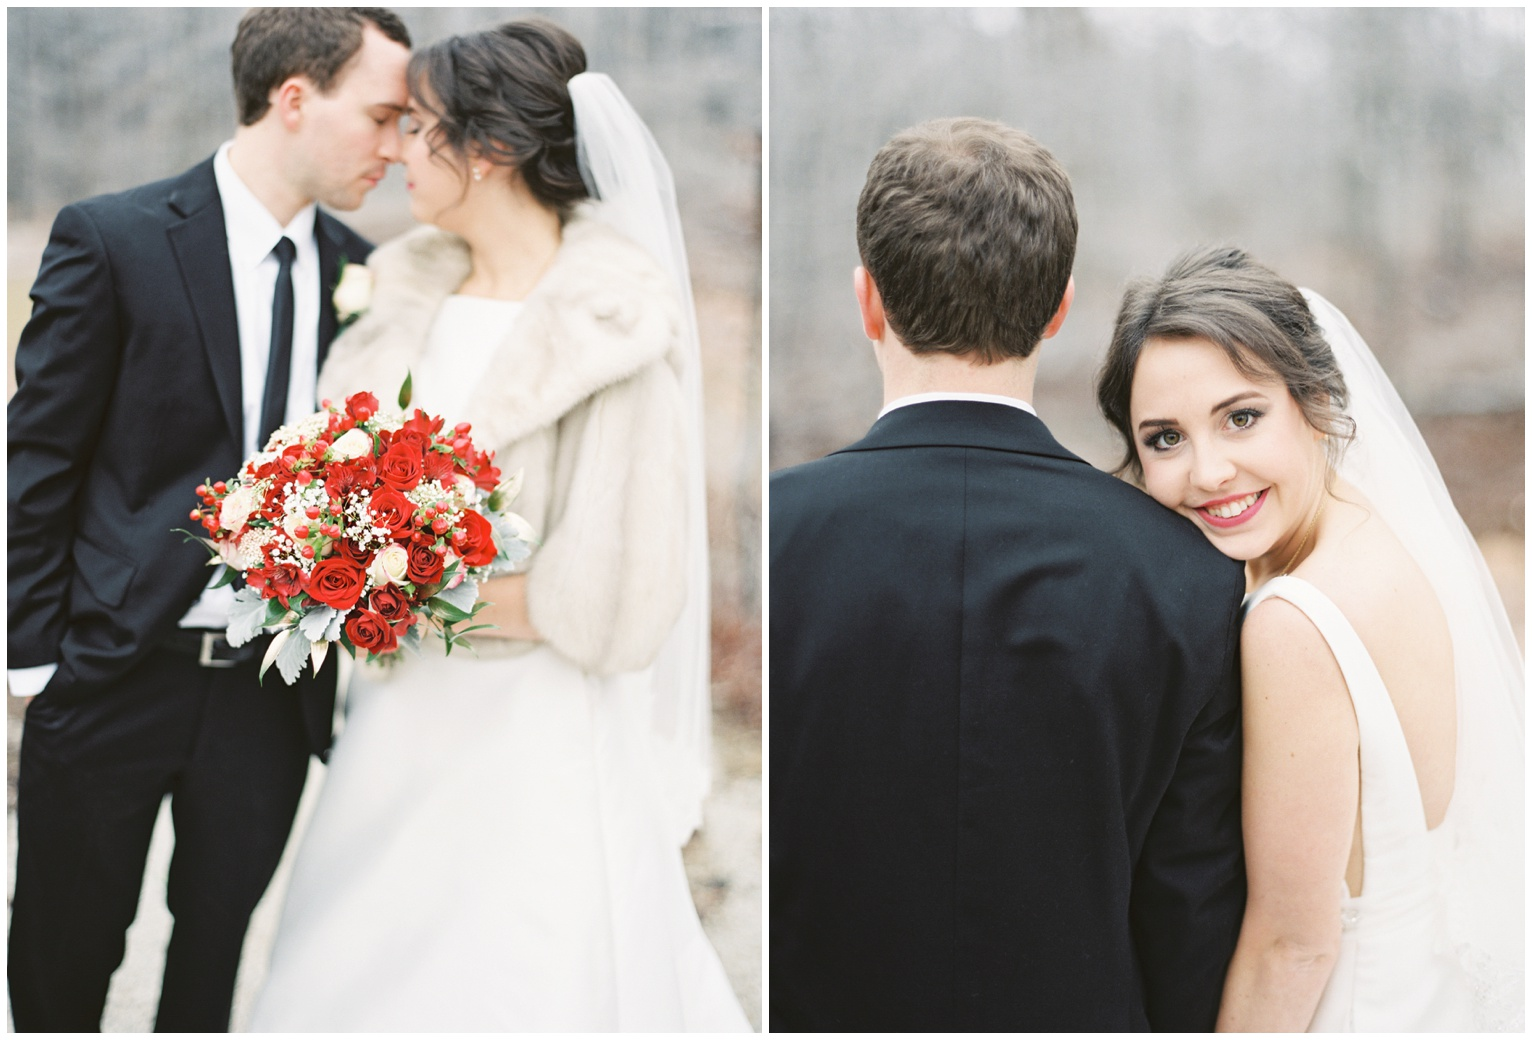 wedding photography st louis_lauren muckler photography_film photographer_film wedding_0017.jpg